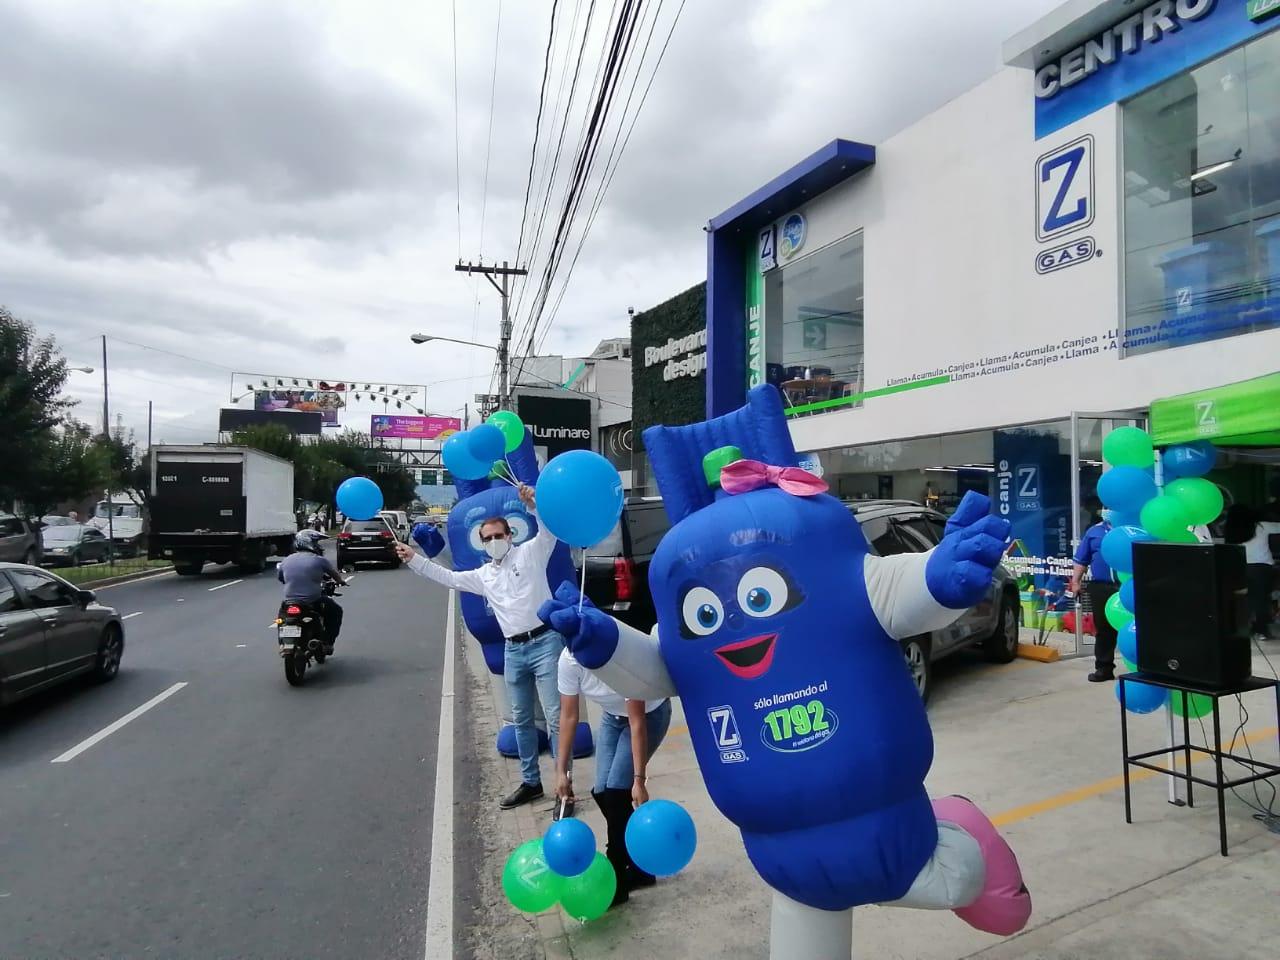 Zeta Gas inaugura un nuevo centro de canje en Los Próceres